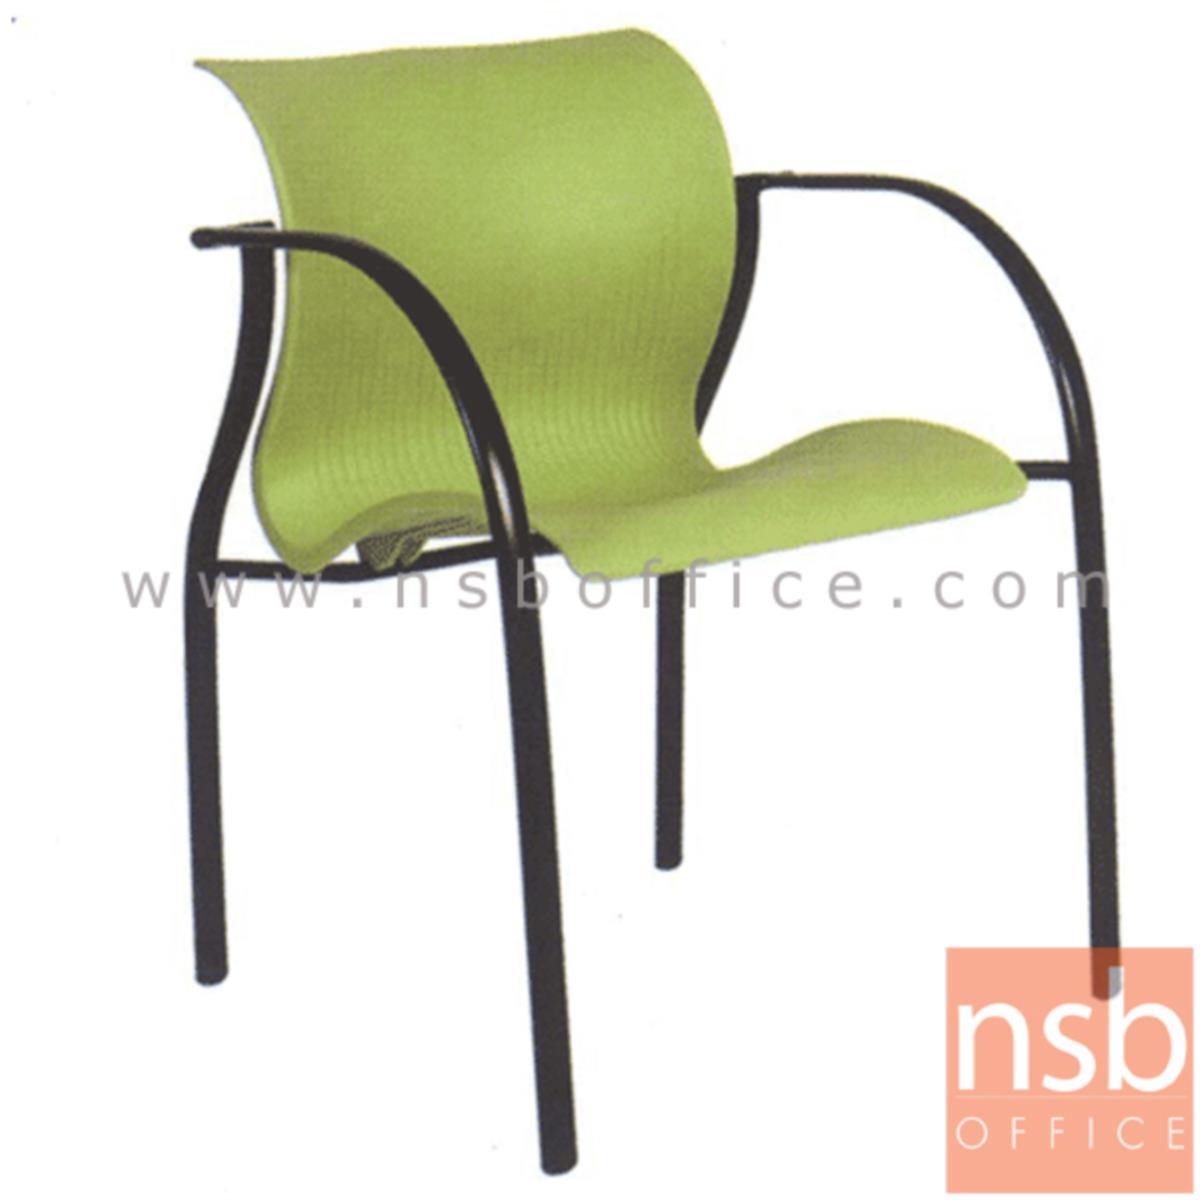 เก้าอี้อเนกประสงค์เฟรมโพลี่ รุ่น A2-801 ขาเหล็ก